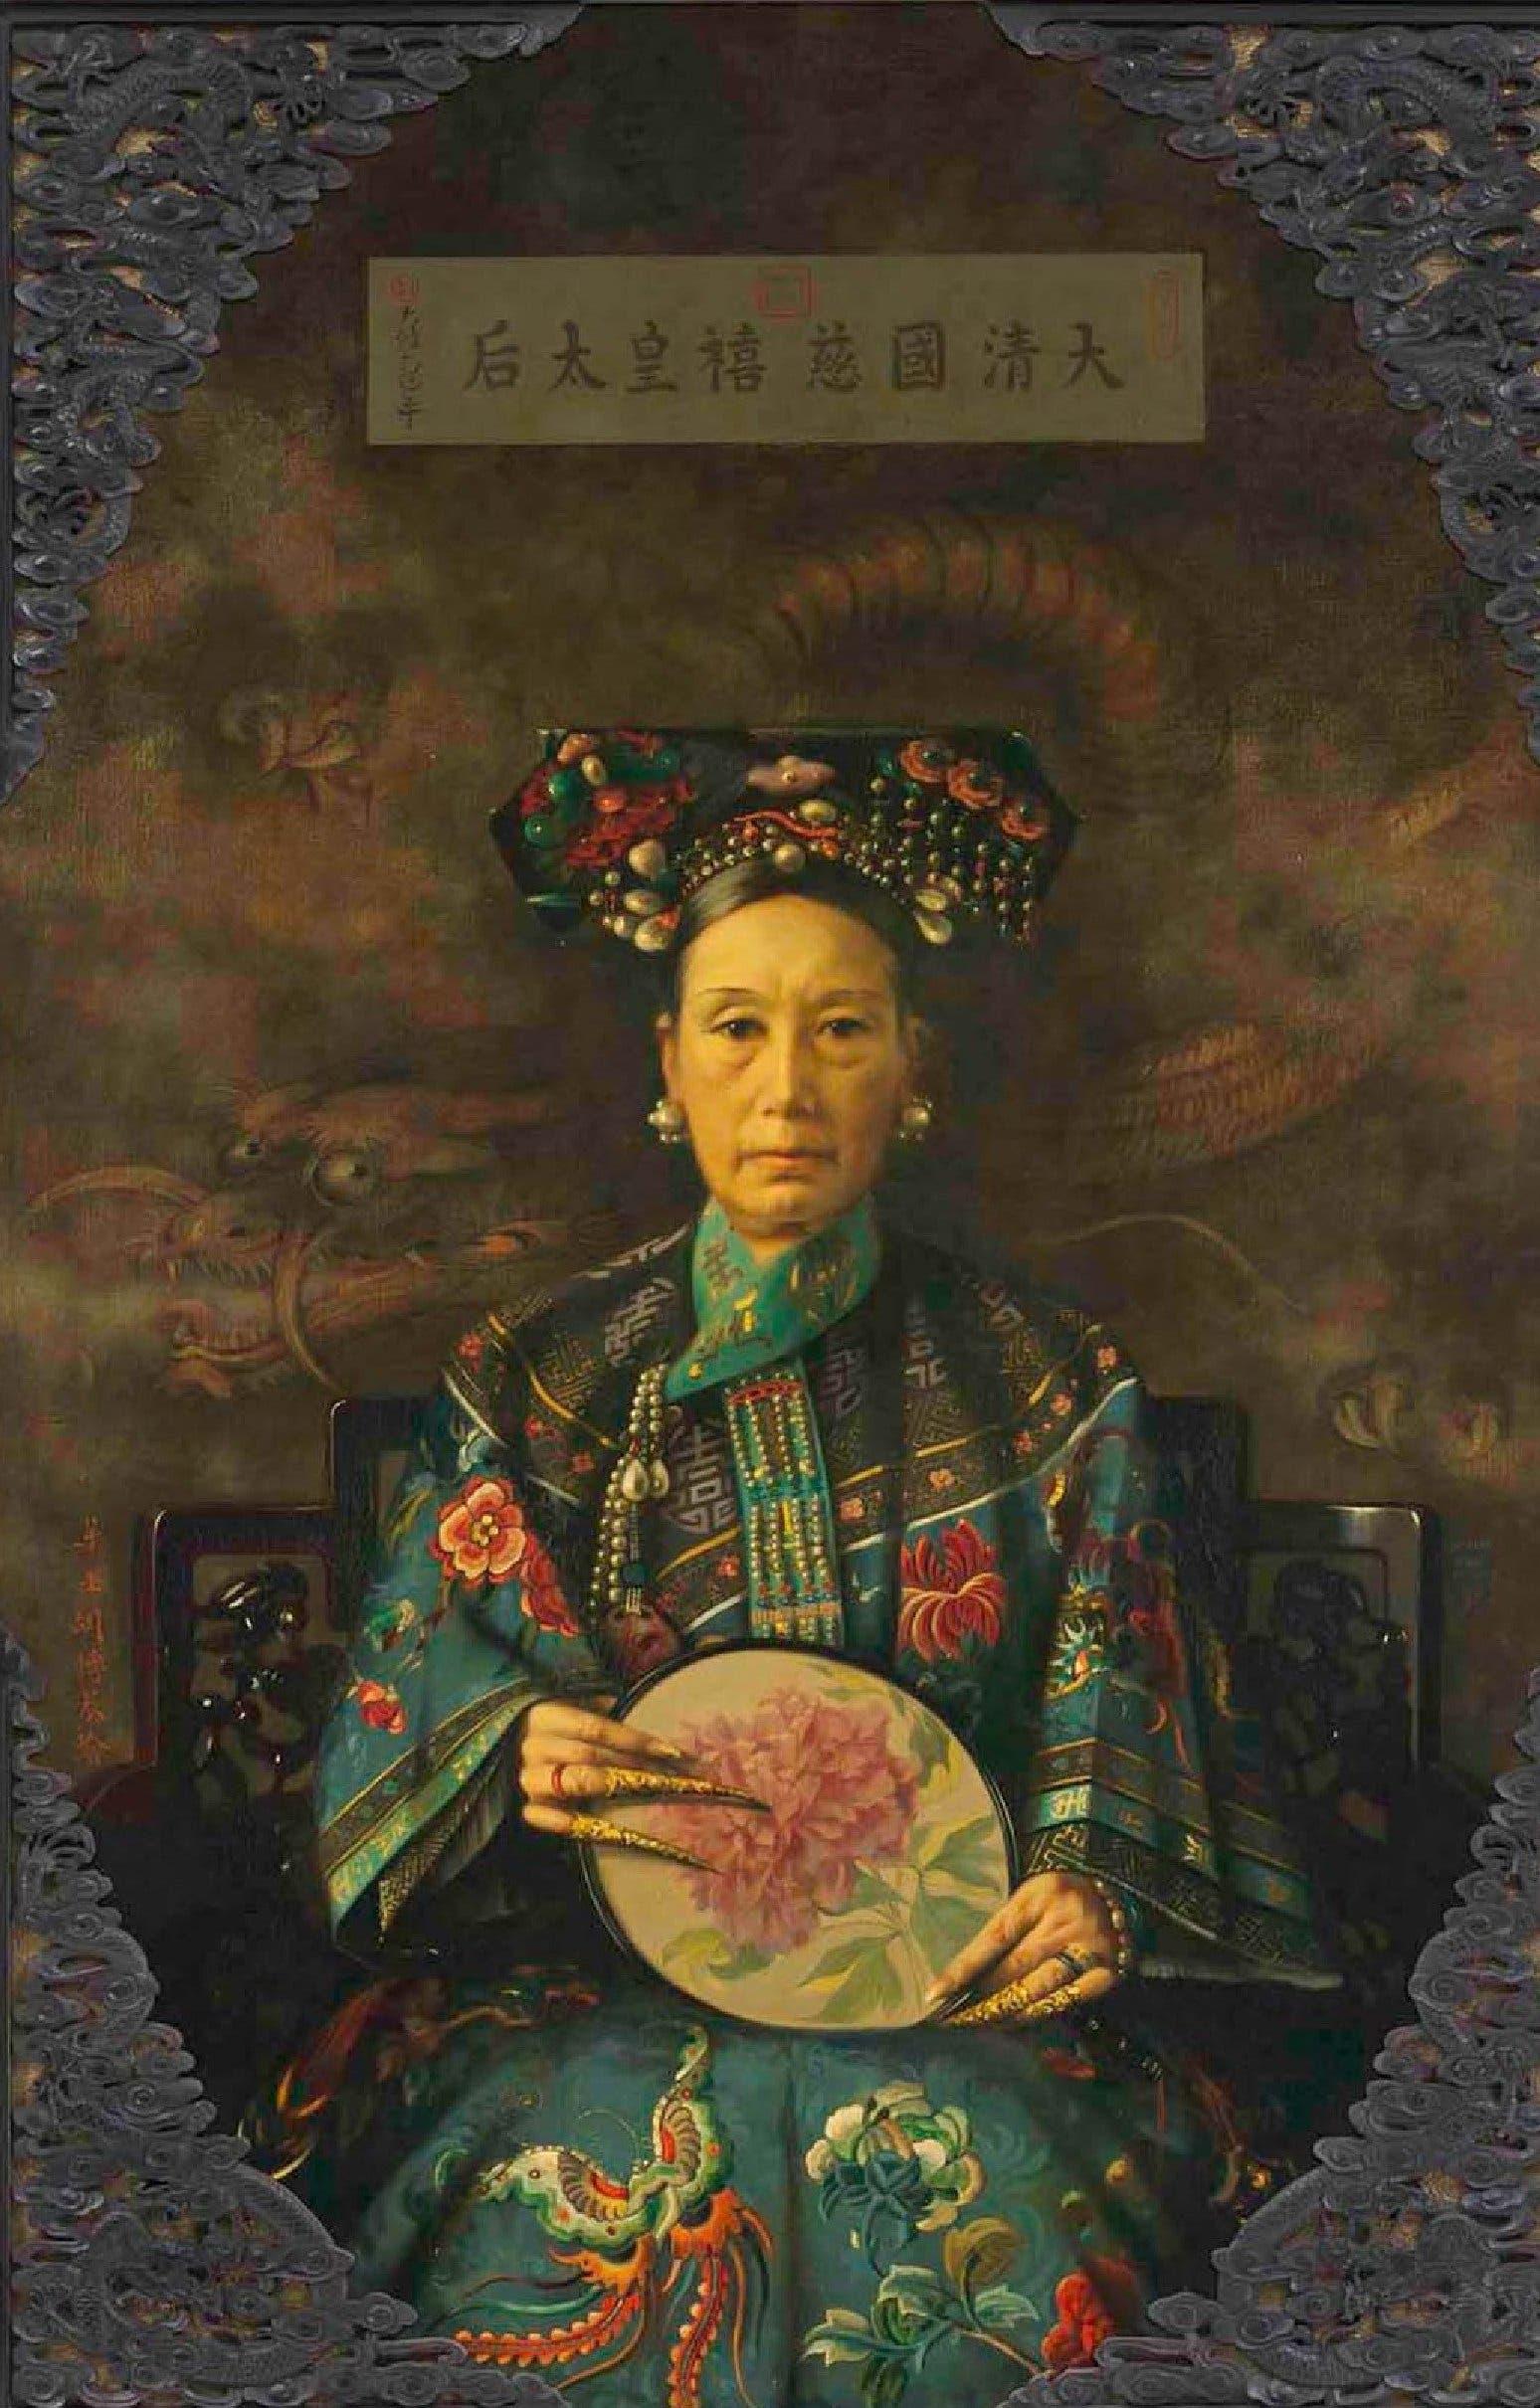 رسم تخيلي للإمبراطورة تشيسي